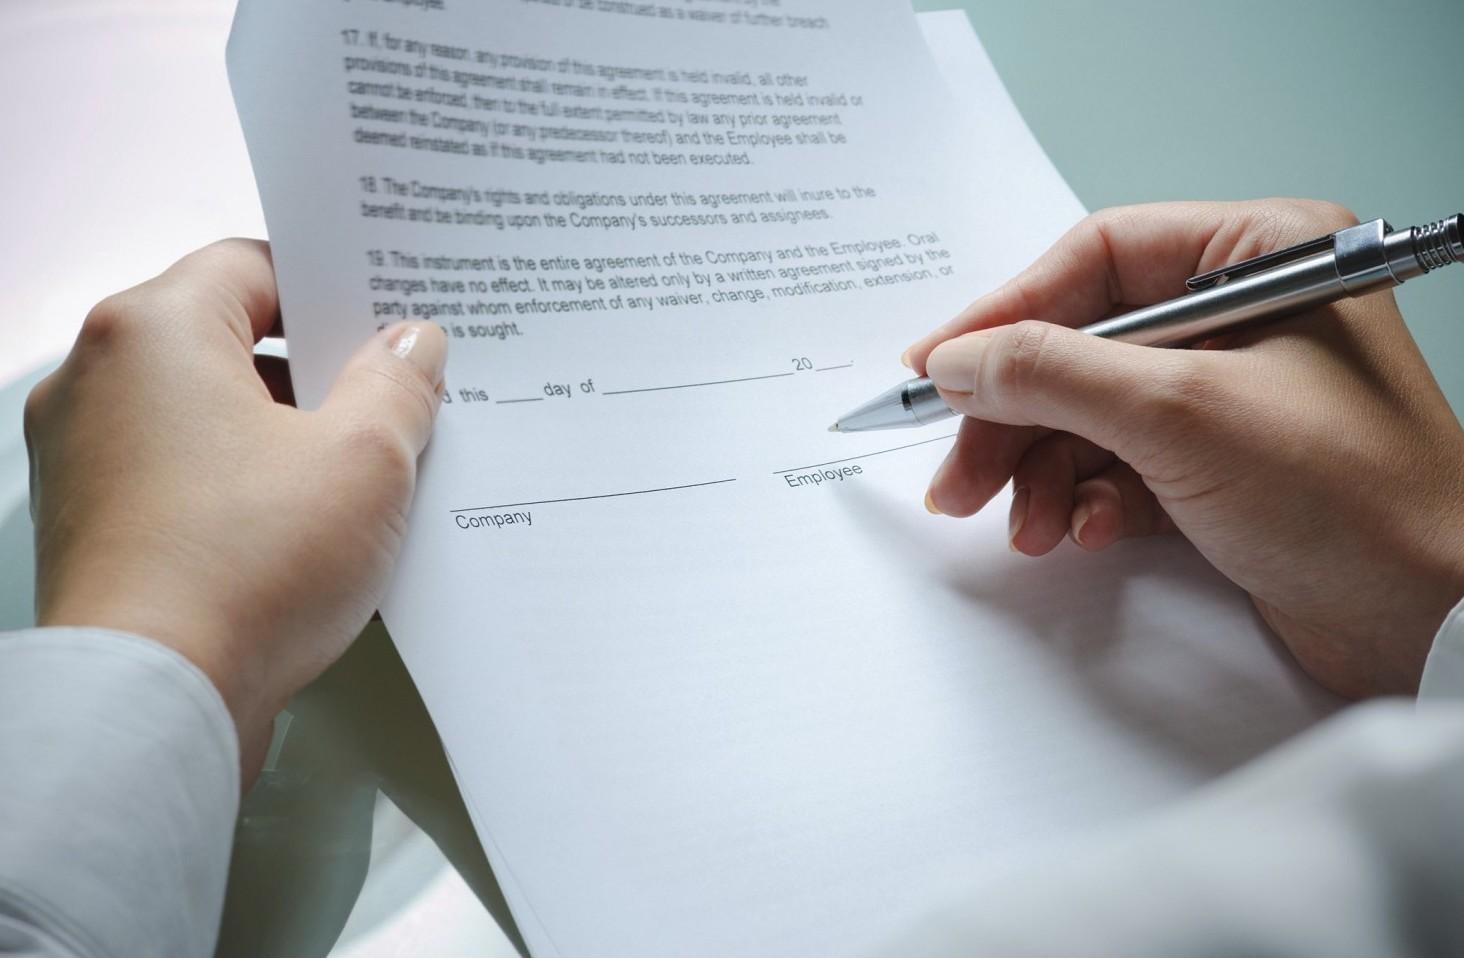 Contratto Co.co.Pro malattie, permessi, ferie, stipendio, tasse e contributi pensione